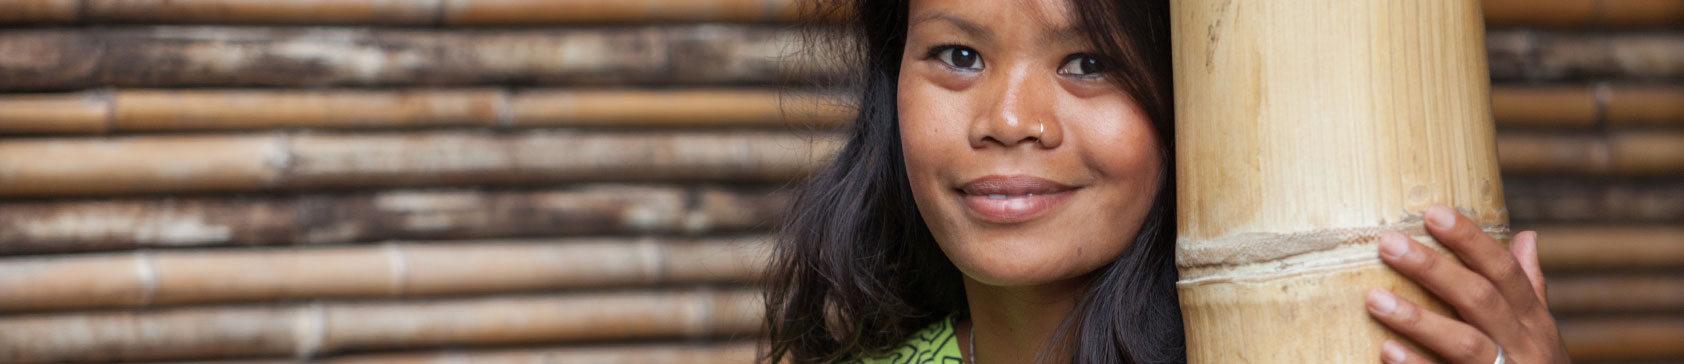 Tusalario.org/ElSalvador - Salud y seguridad en el lugar de trabajo en El Salvador